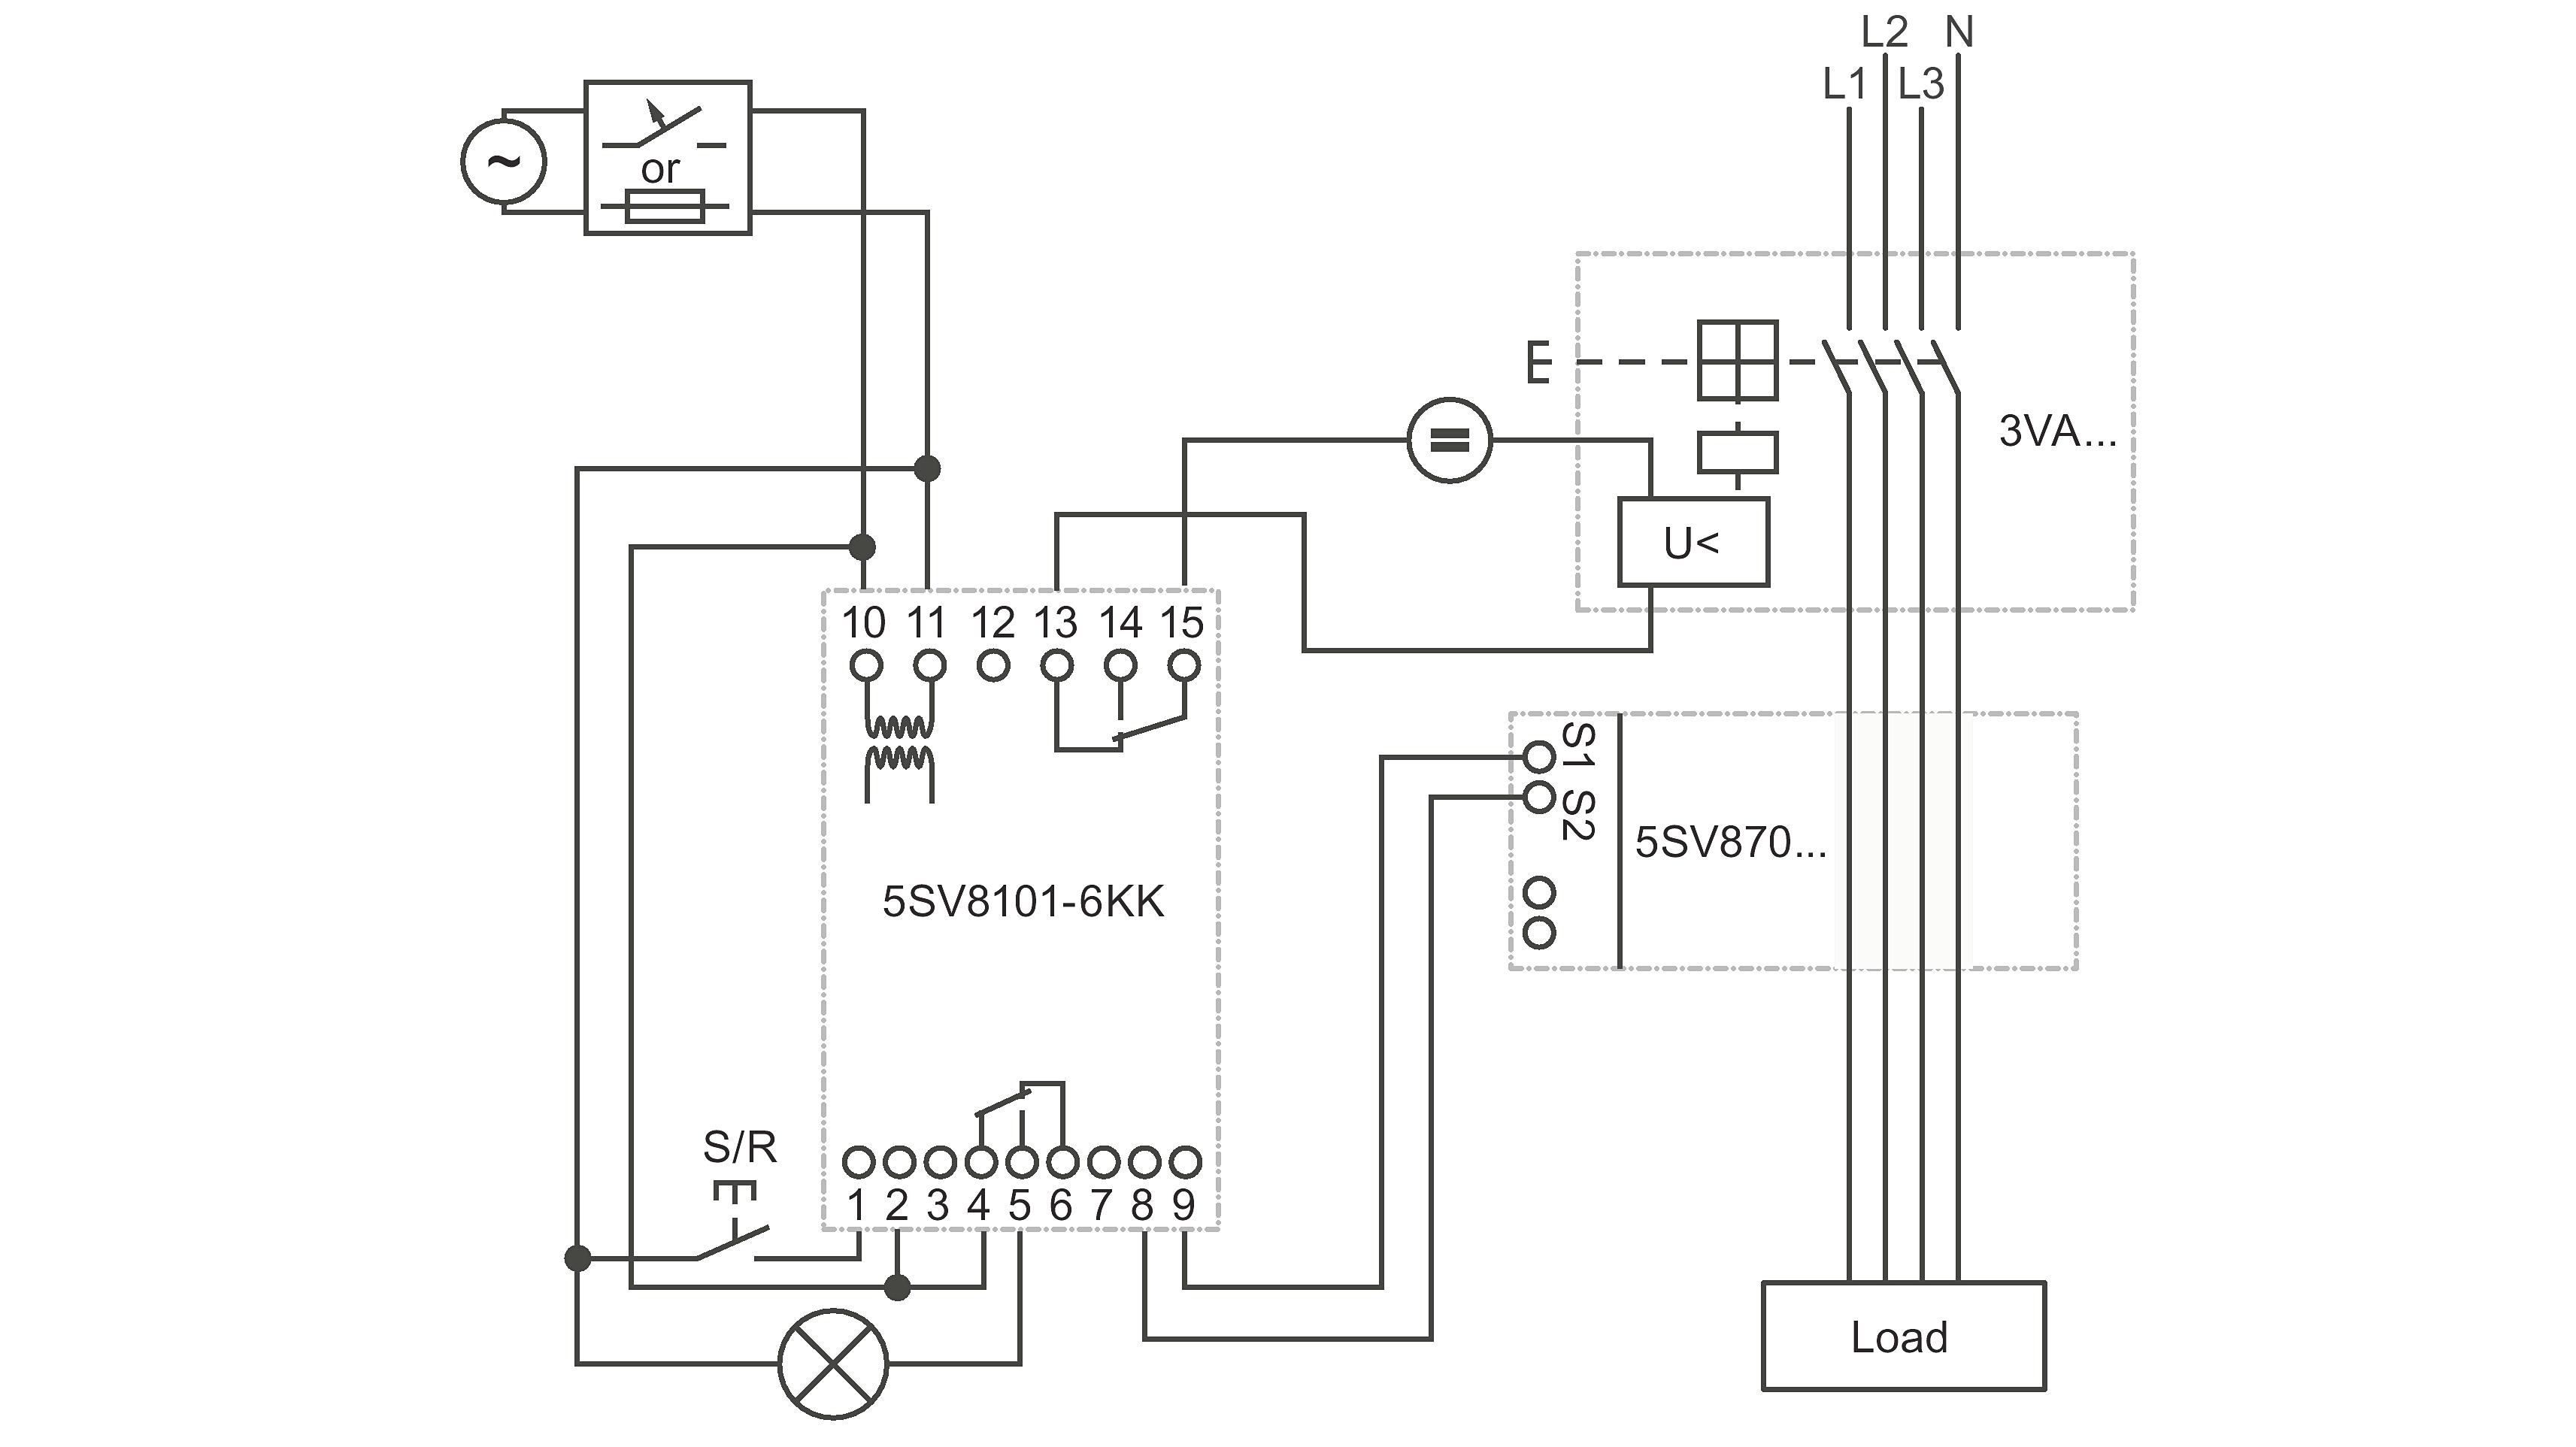 Wiring Diagram Shunt Trip Breaker Circuits This - All Wiring Diagram - Shunt Trip Breaker Wiring Diagram